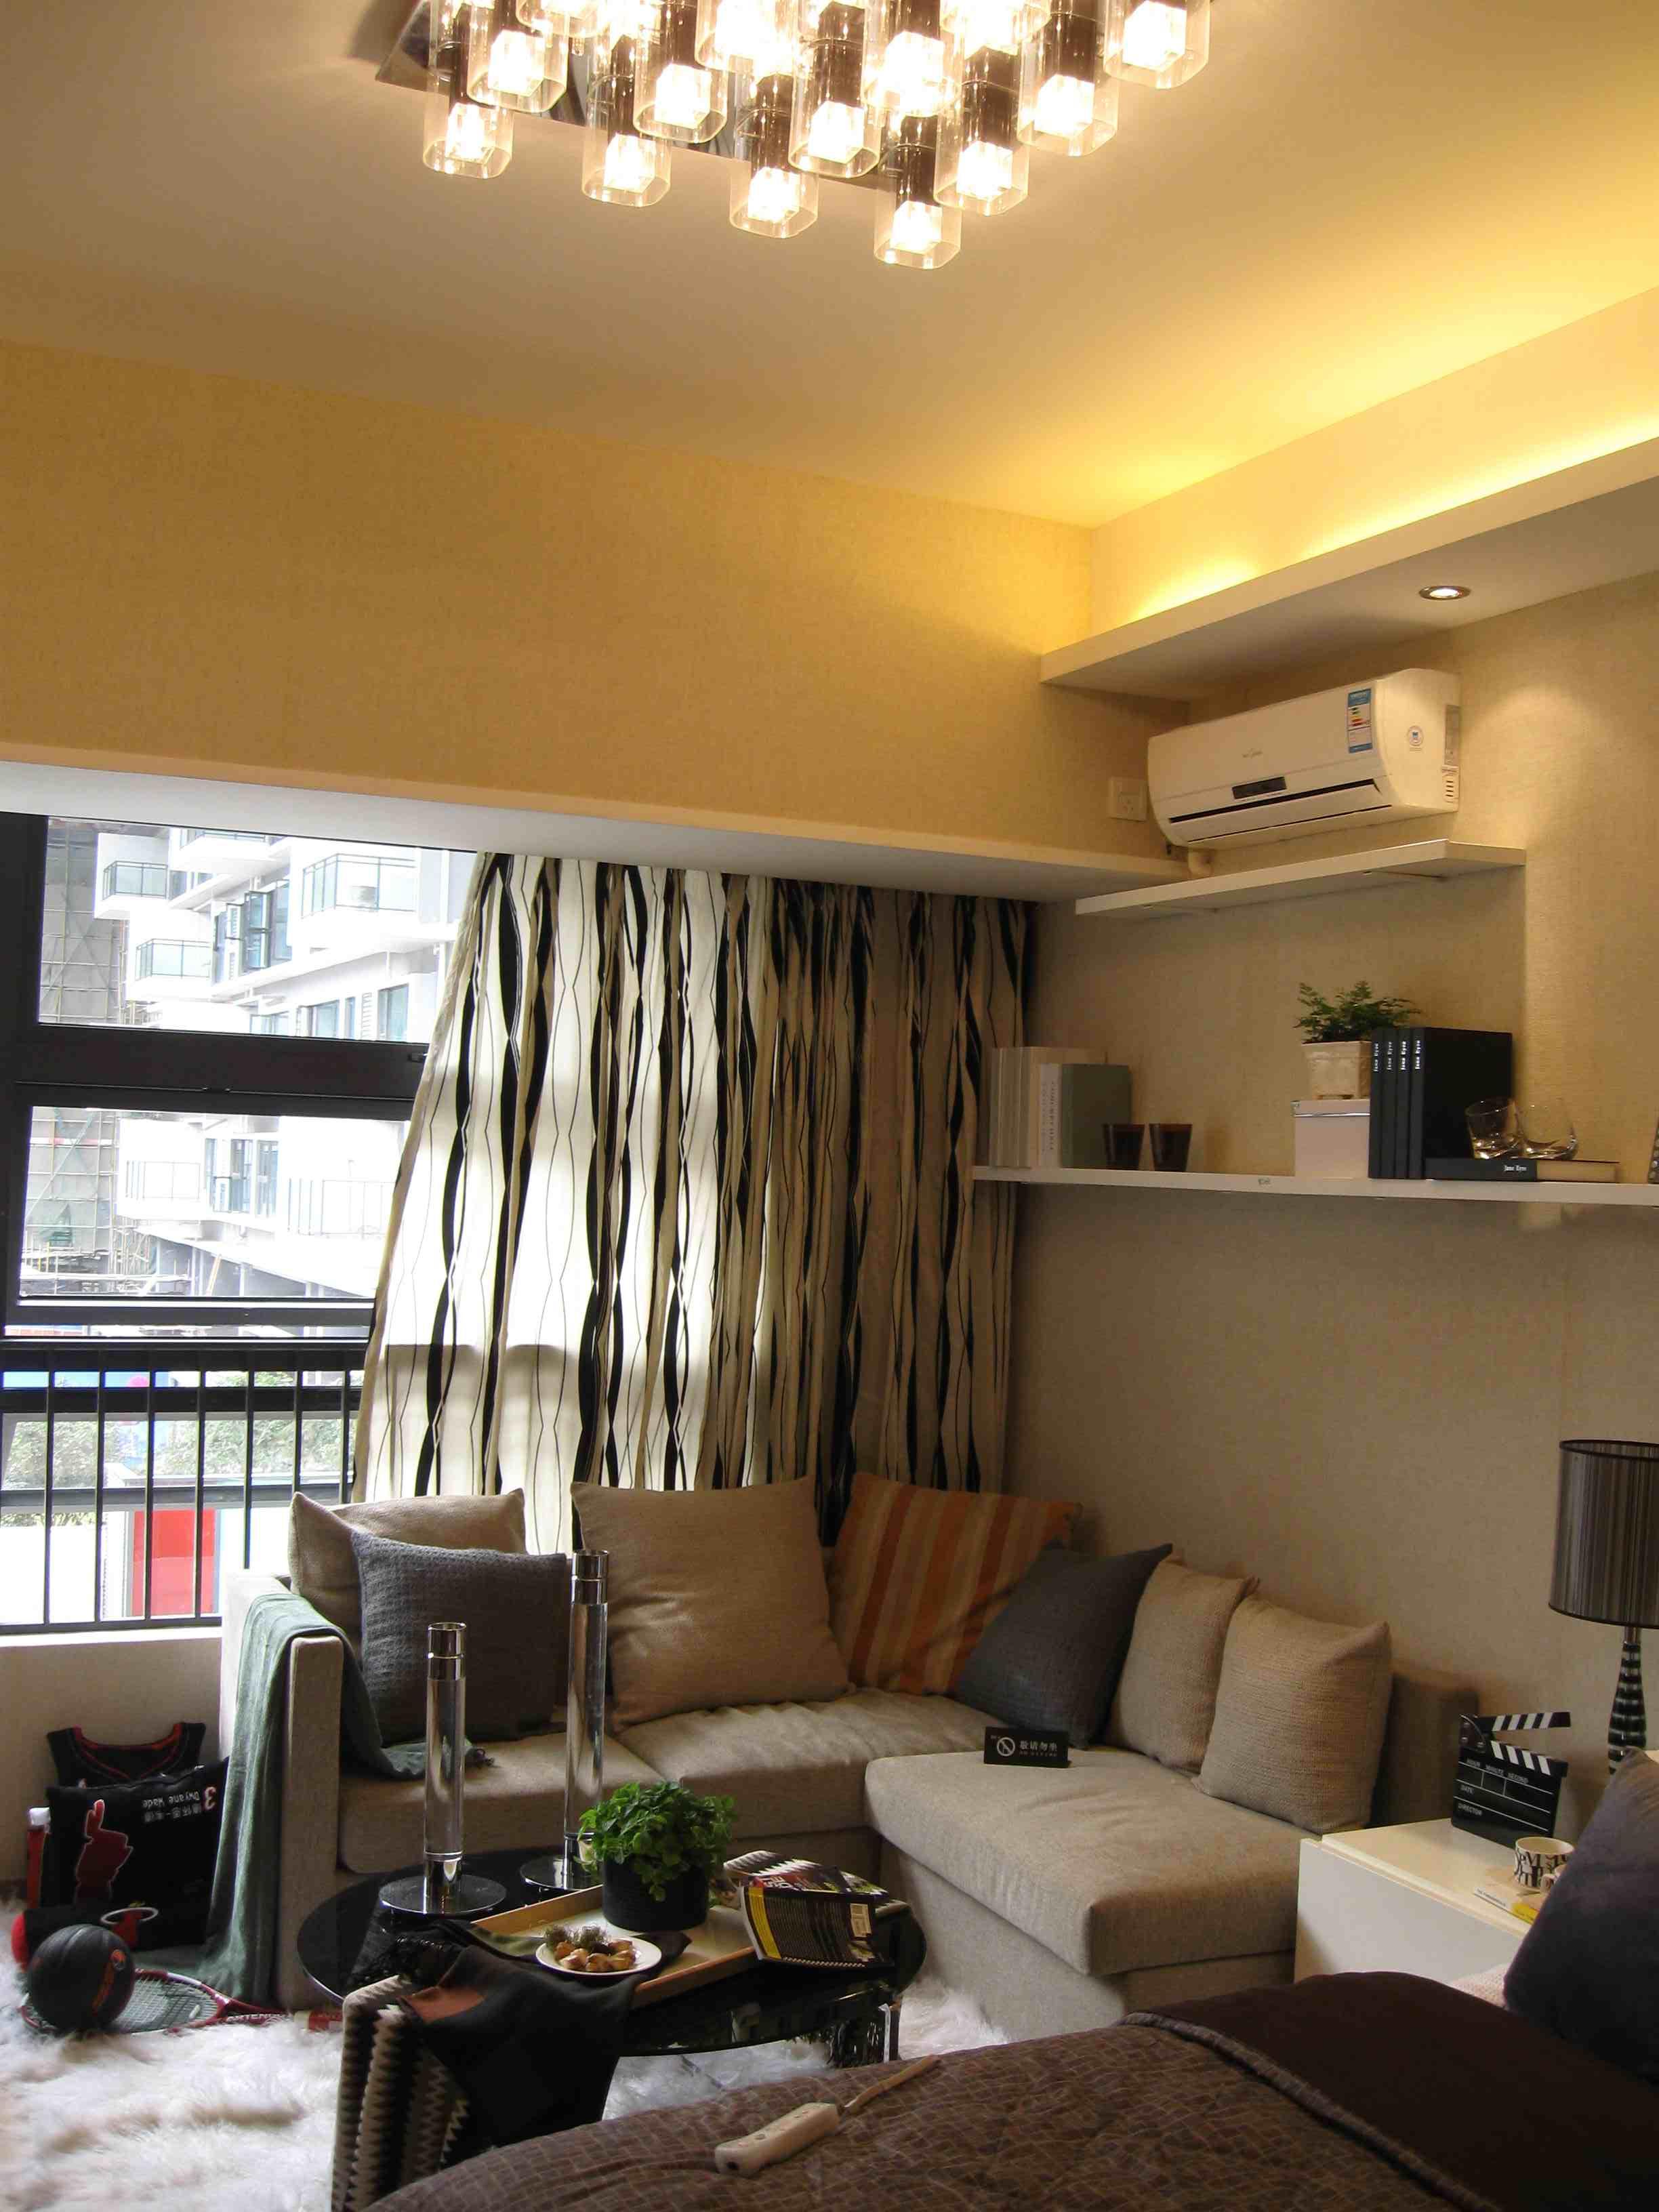 家居 起居室 设计 装修 2448_3264 竖版 竖屏